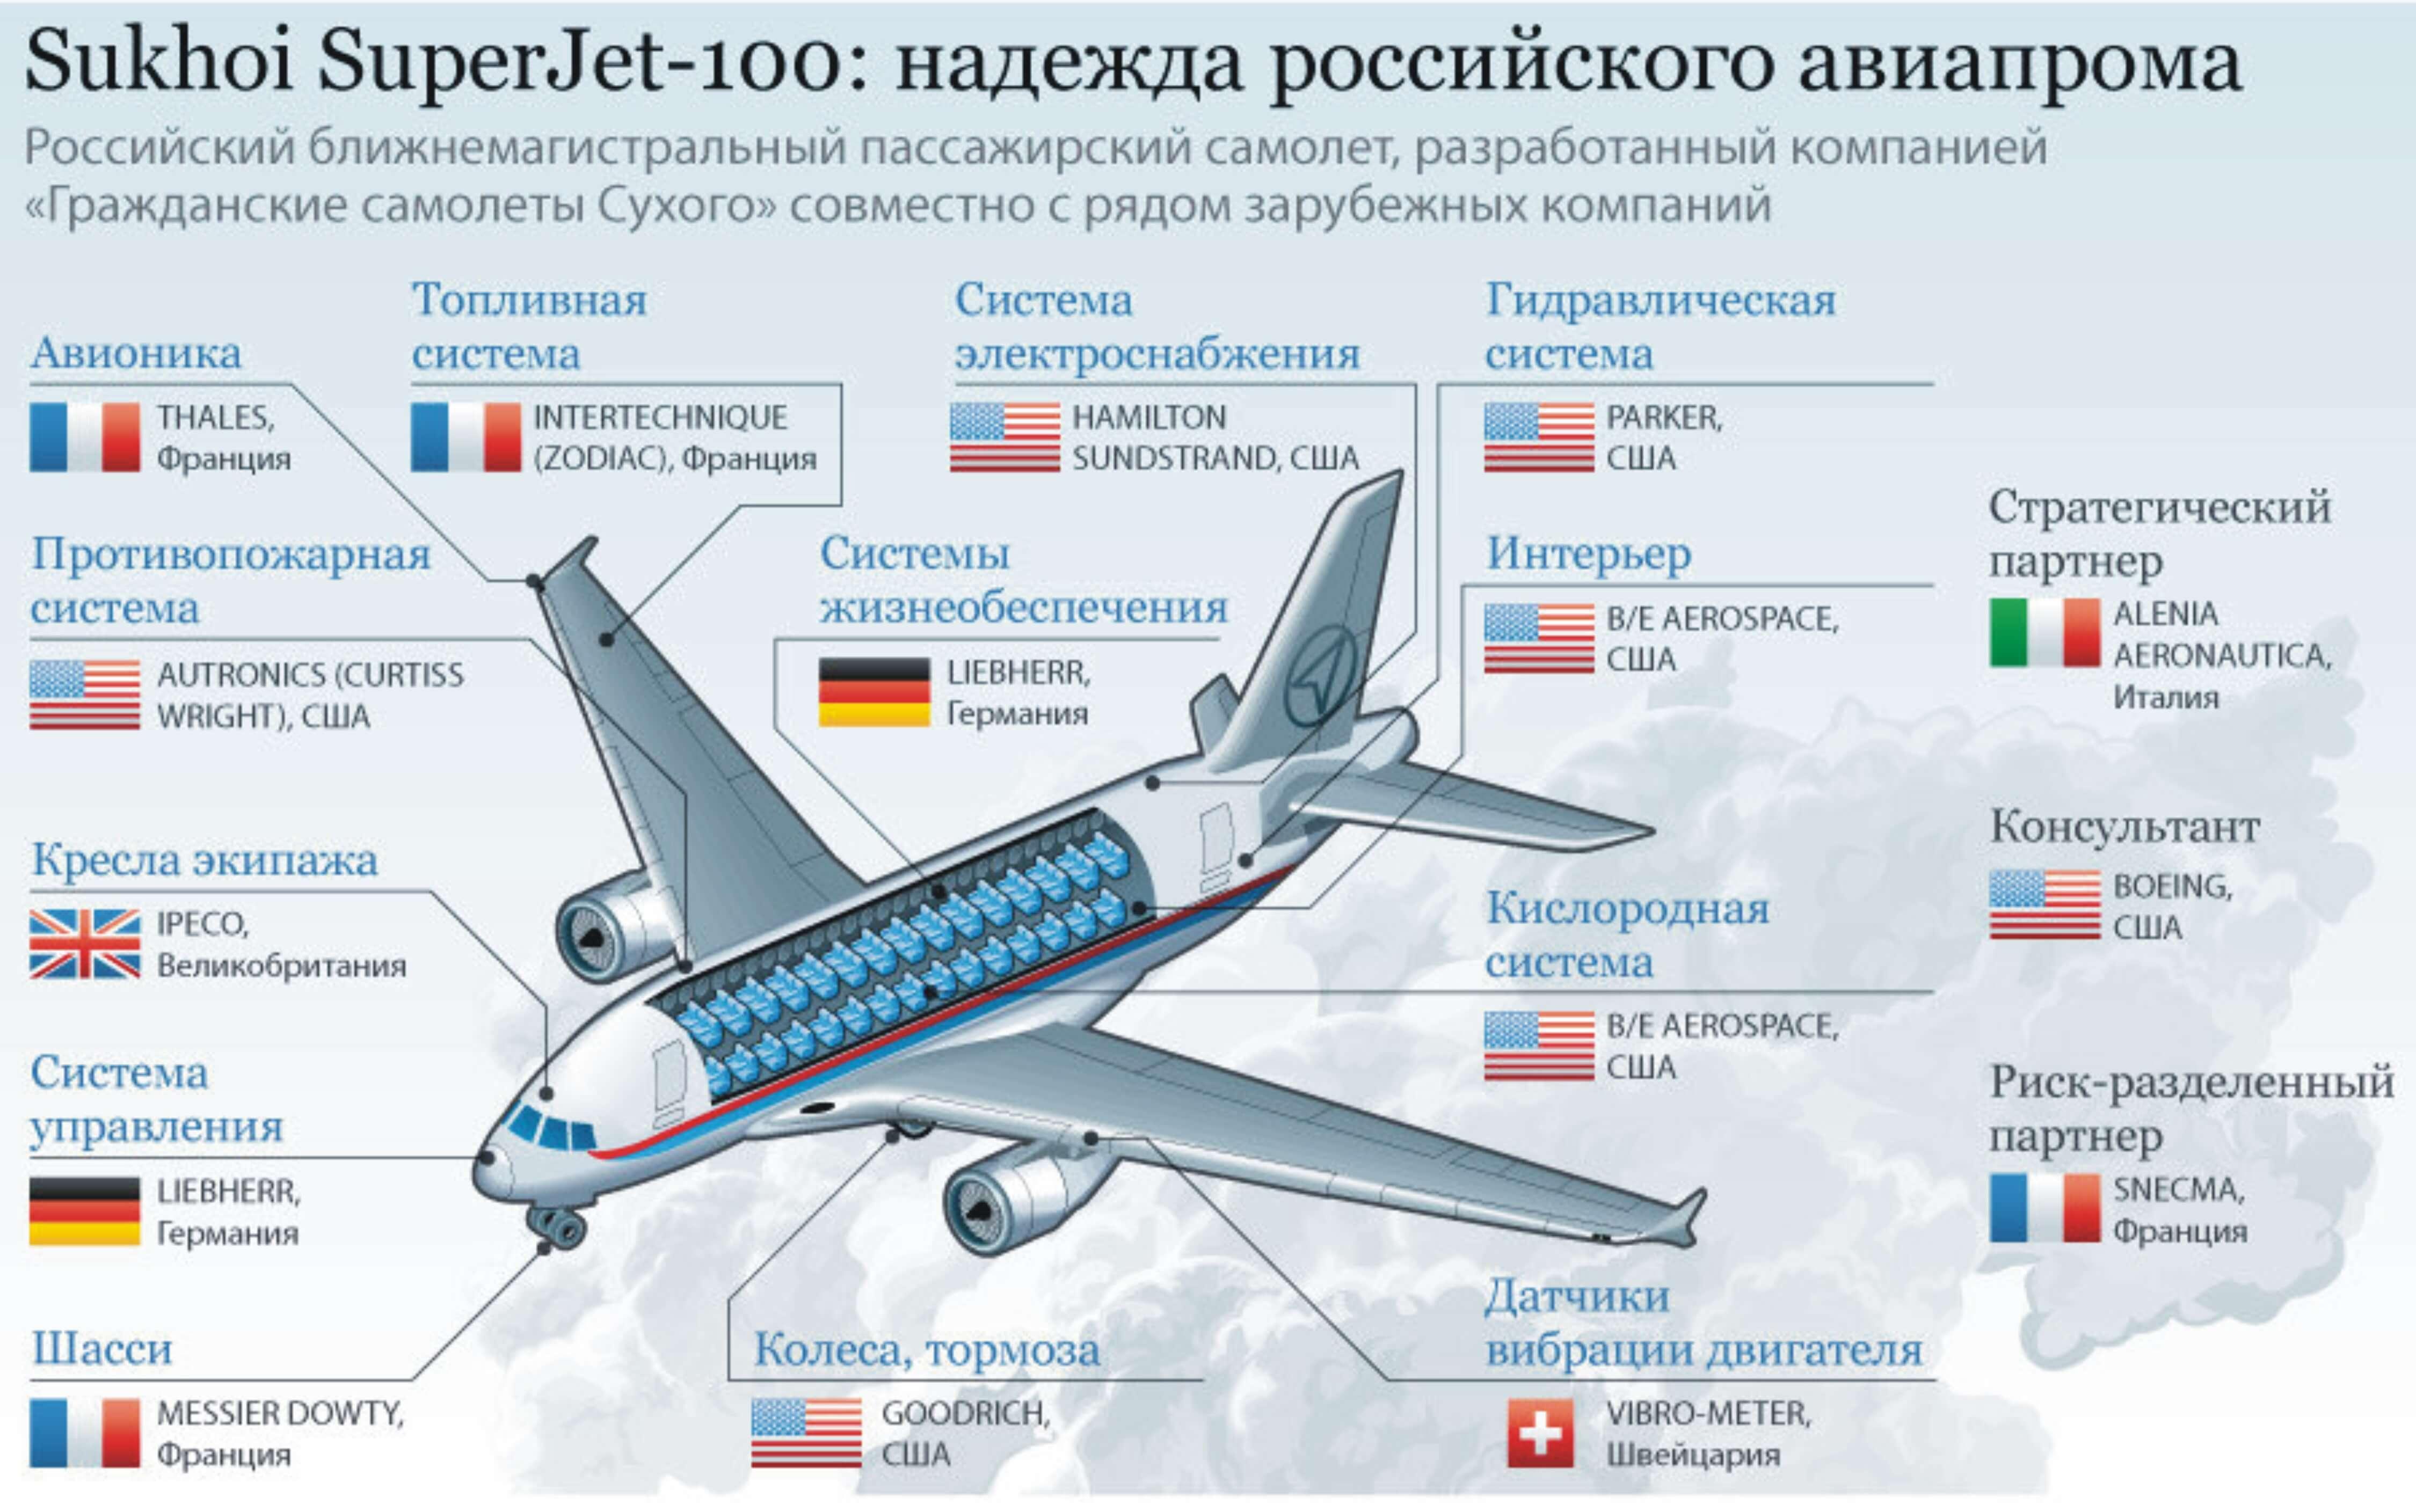 Схема расположения мест в самолете суперджет